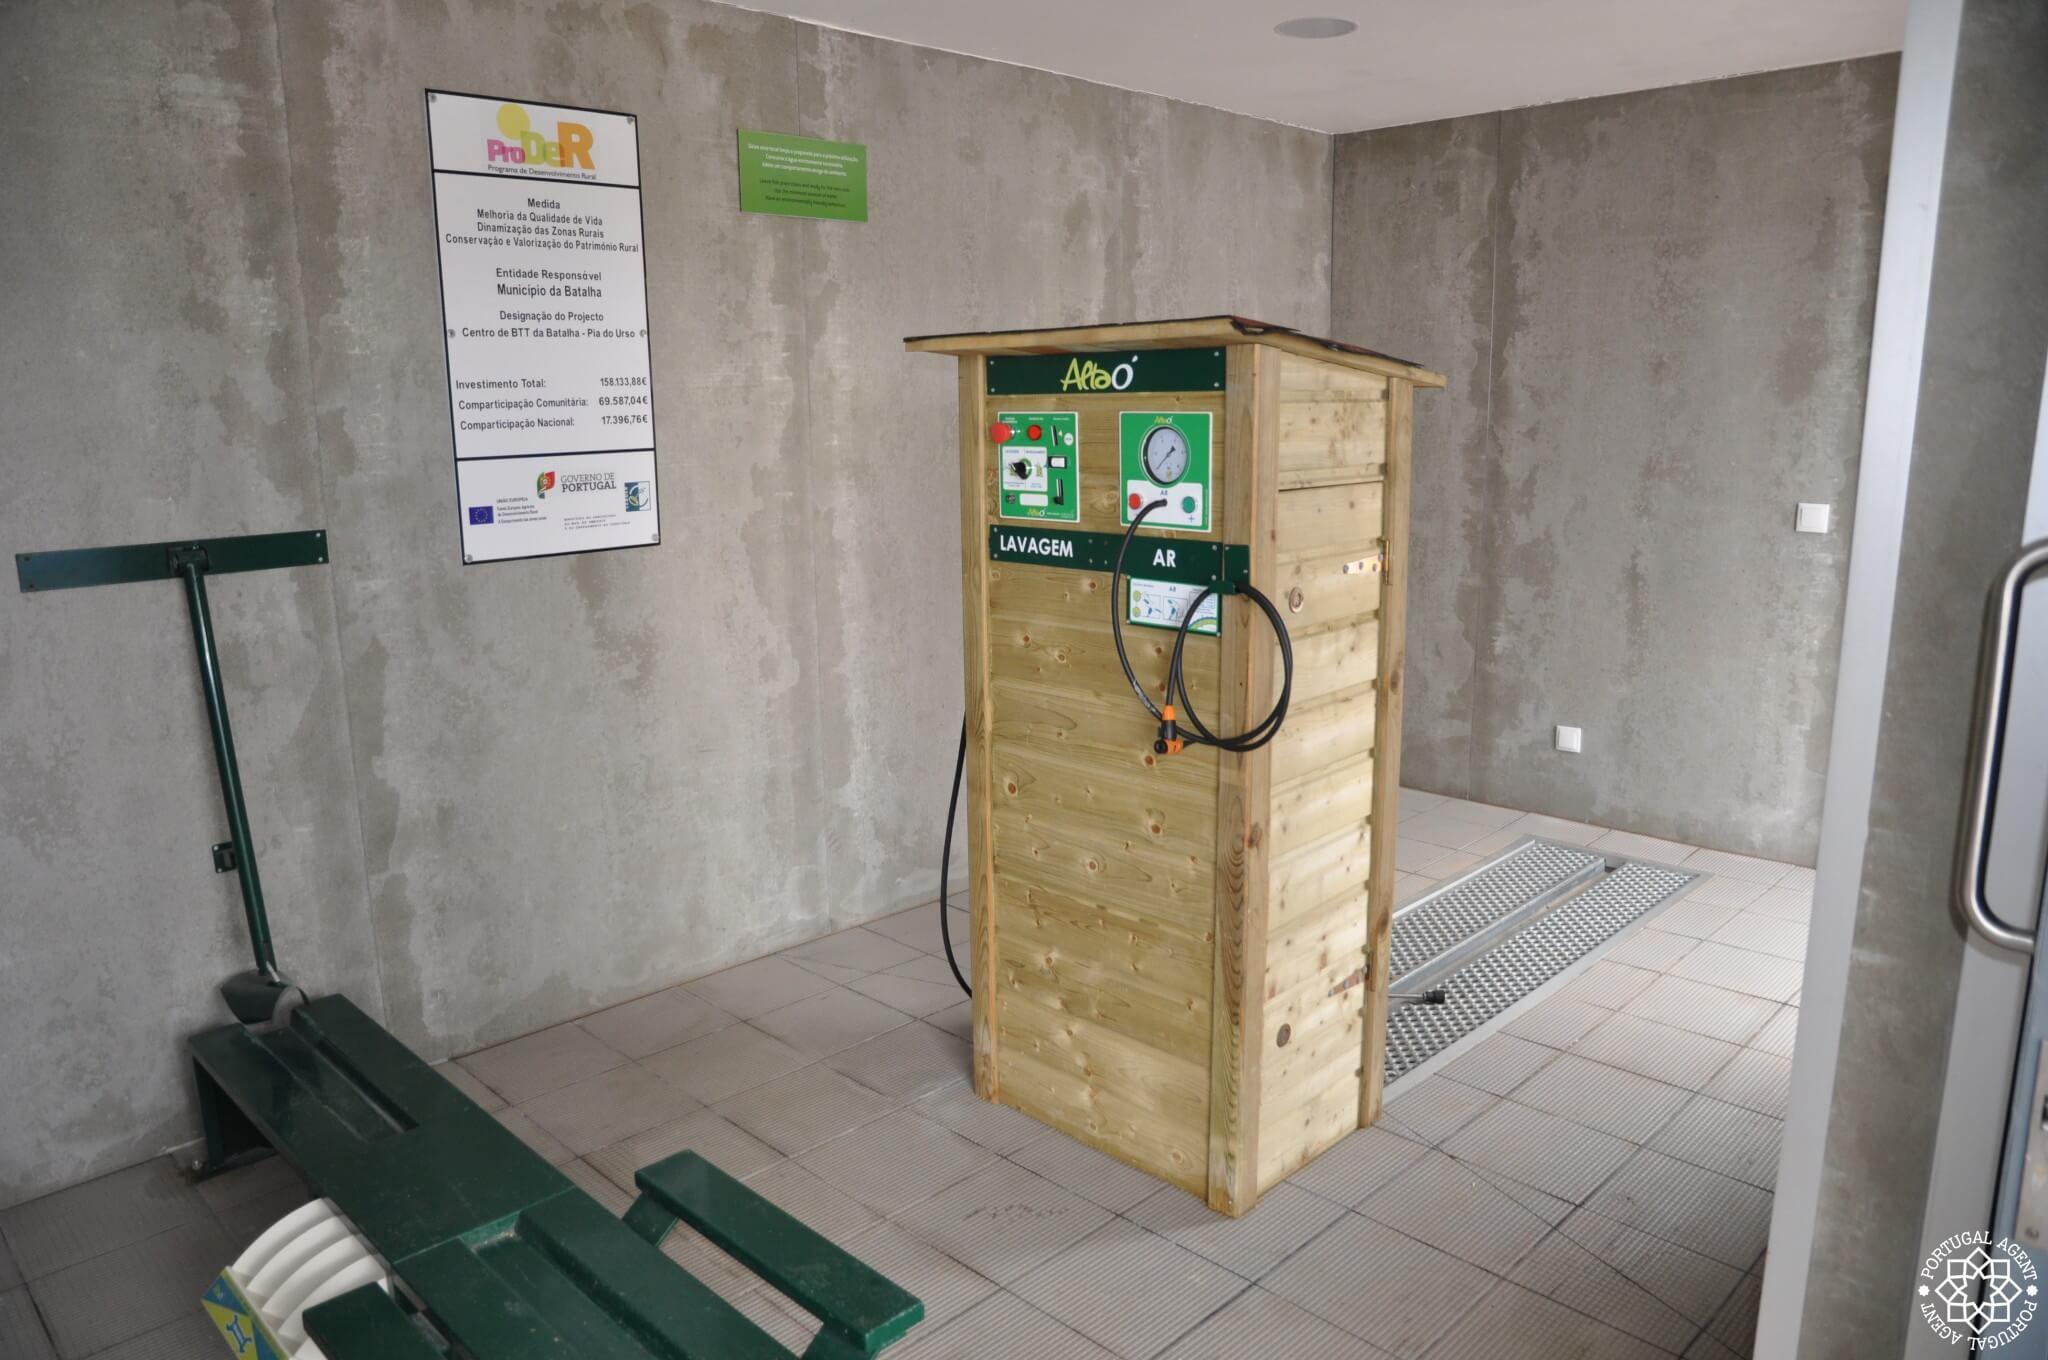 Cykelmek och tvätt - gratis.